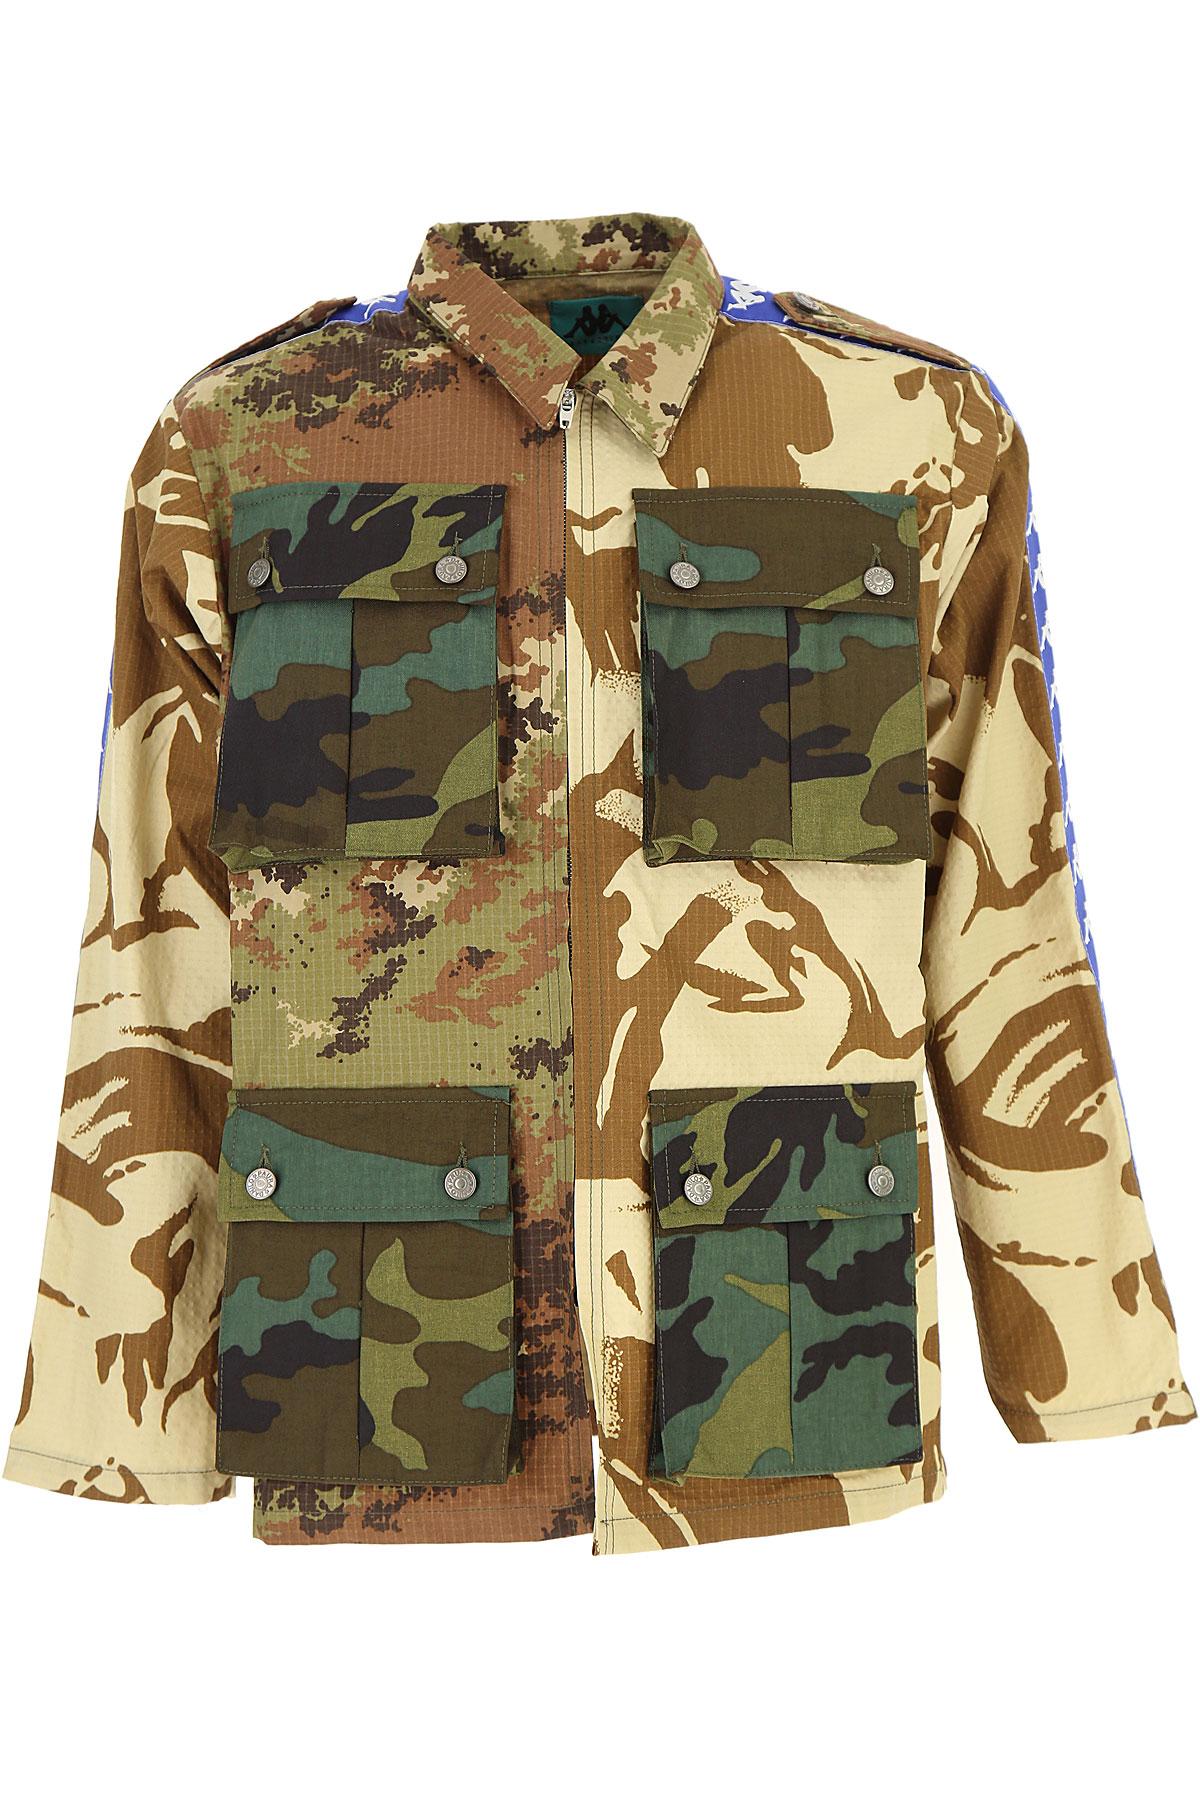 Danilo Paura Veste Homme, Kappa Collection, Camouflage, Coton, 2017, L M S